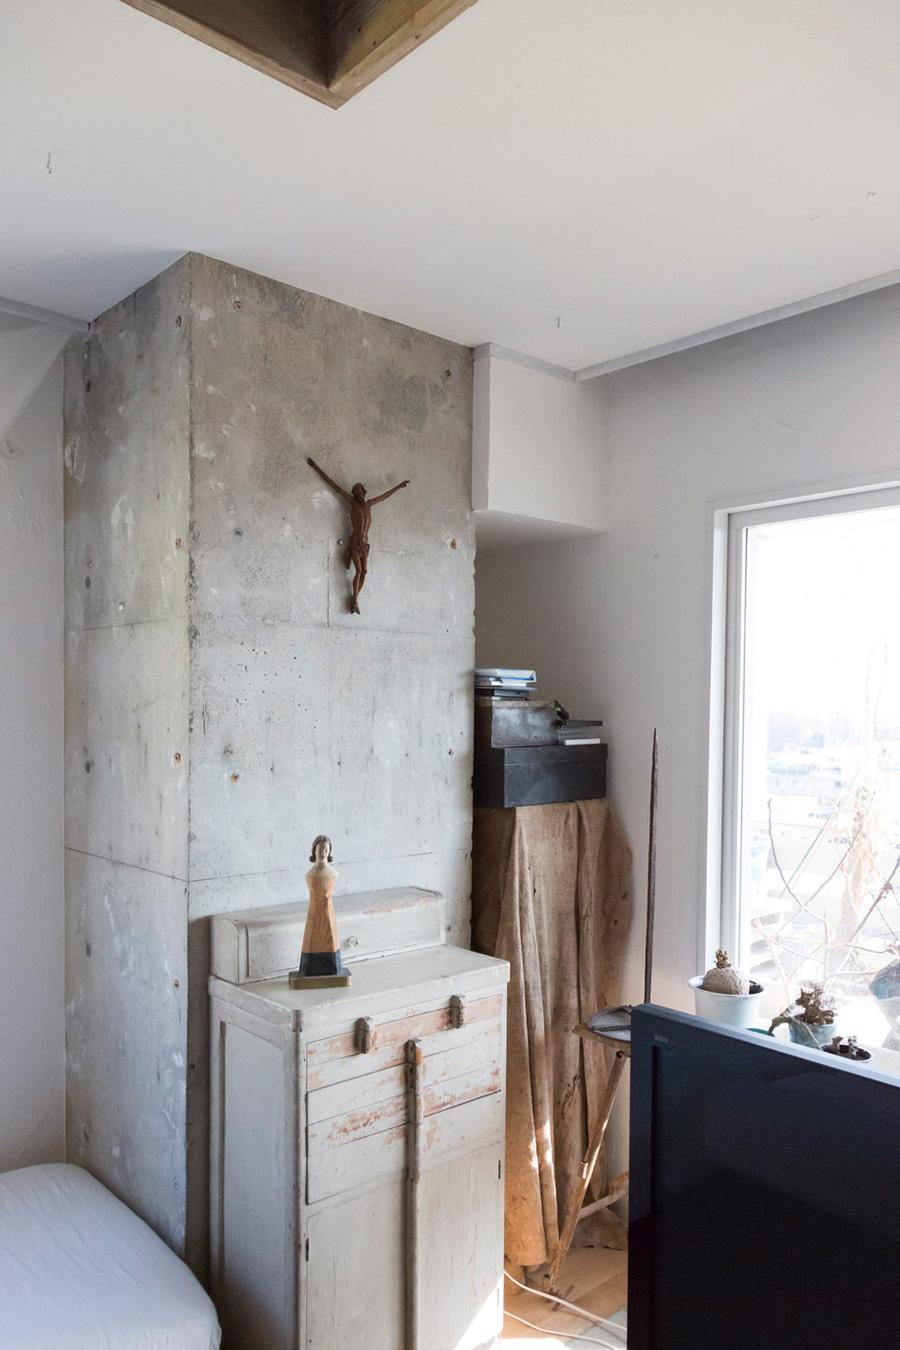 歴史を感じさせるヴィンテージの家具と、ぬくもりが感じられるクラフトが、絶妙なバランスで同居している。